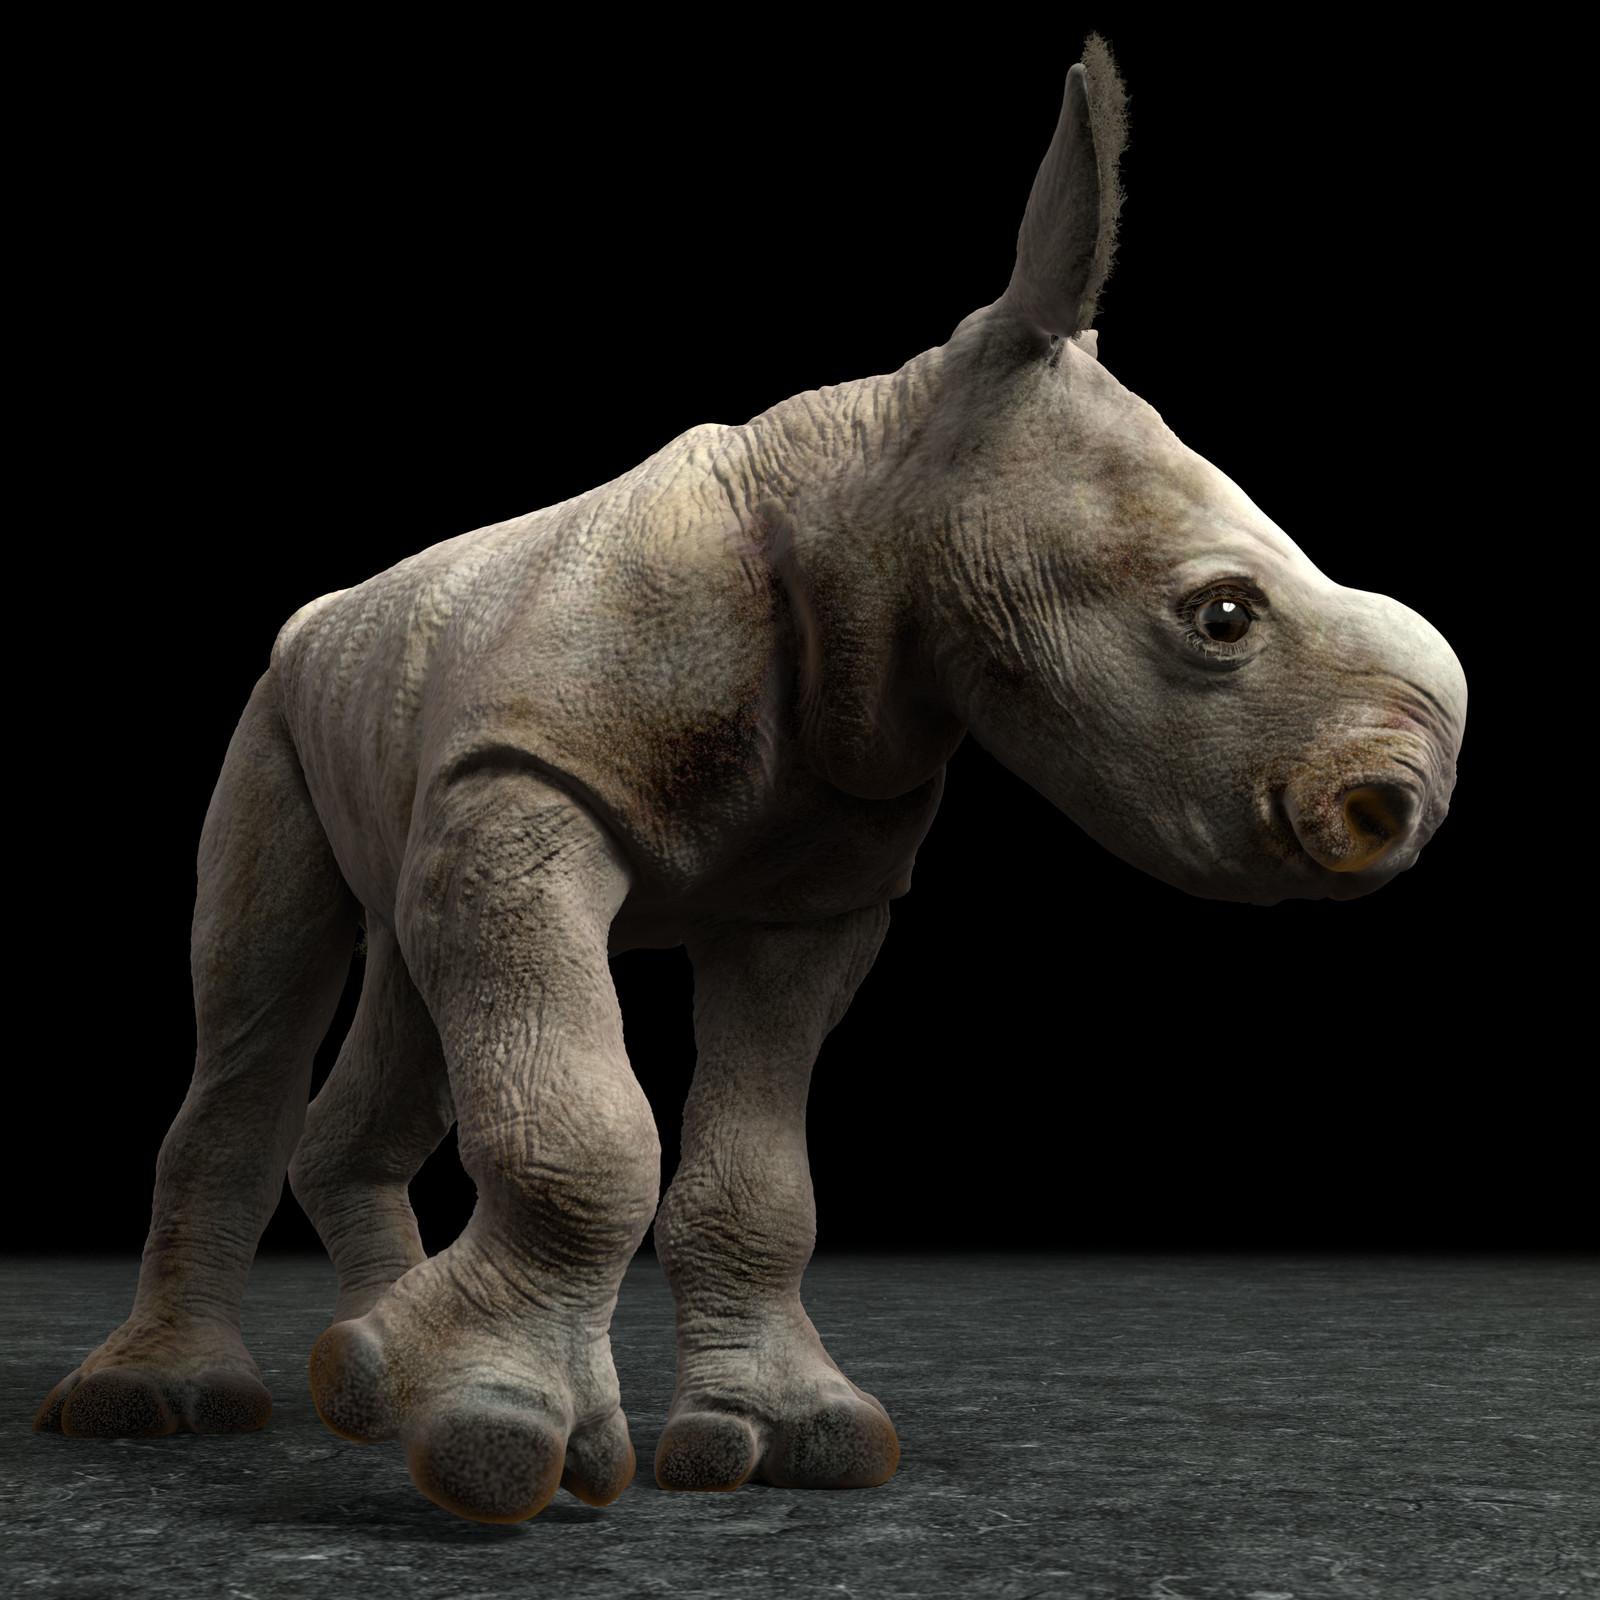 Baby rhino project: White rhino